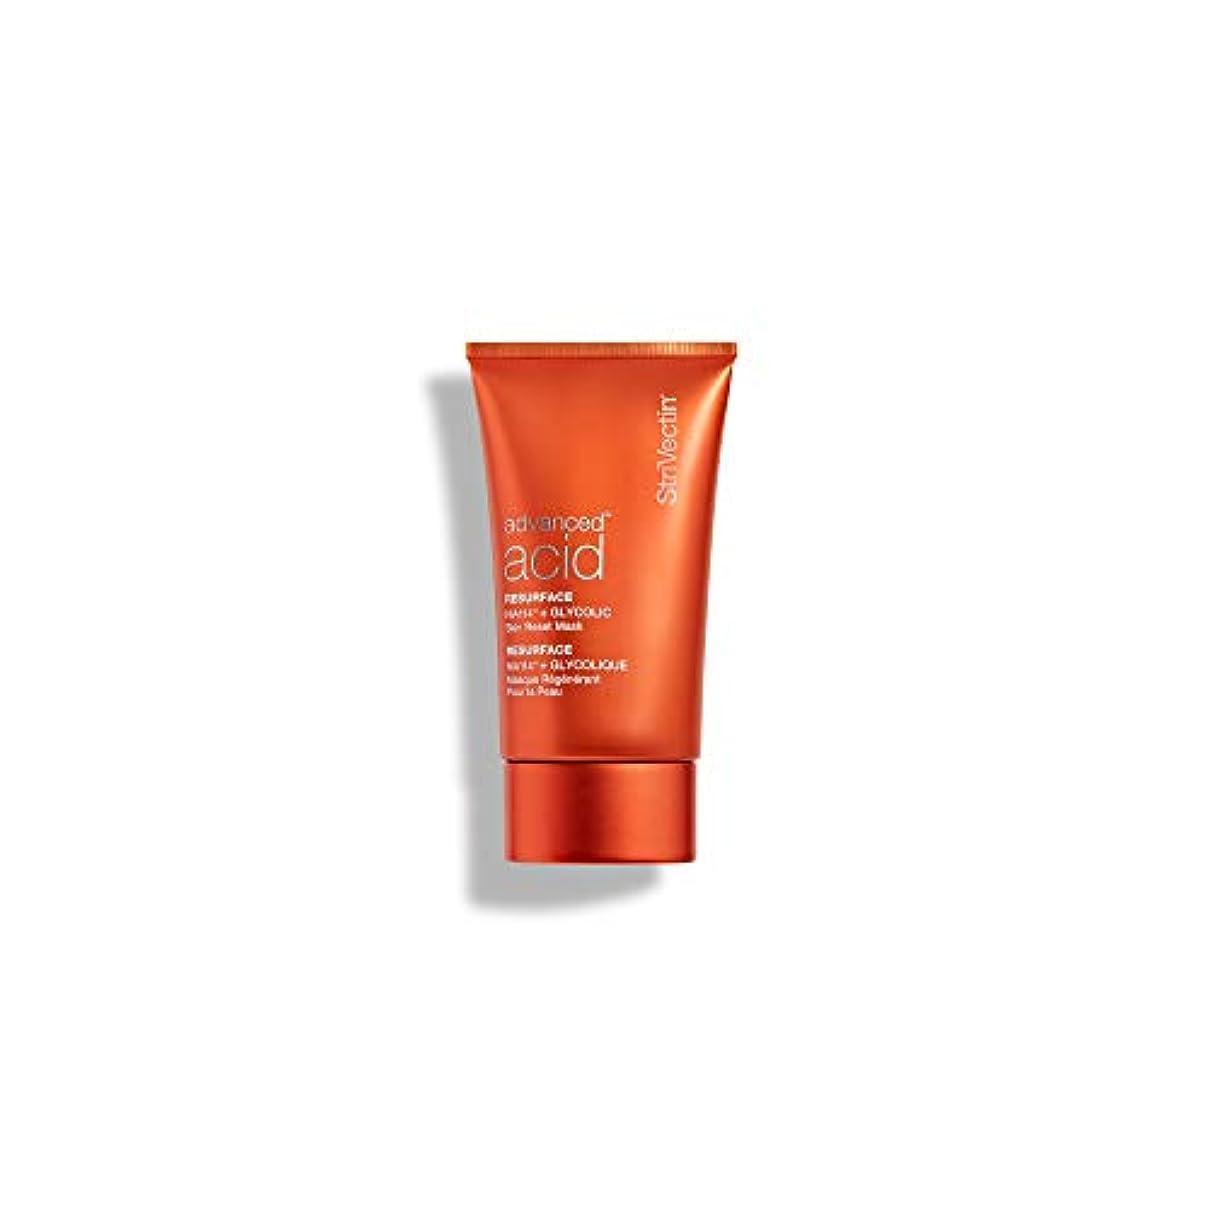 ヒップ暴動ホースStrivectin Advanced Resurfacing- Advanced Glycolic Acid Skin Reset Mask 1.7oz